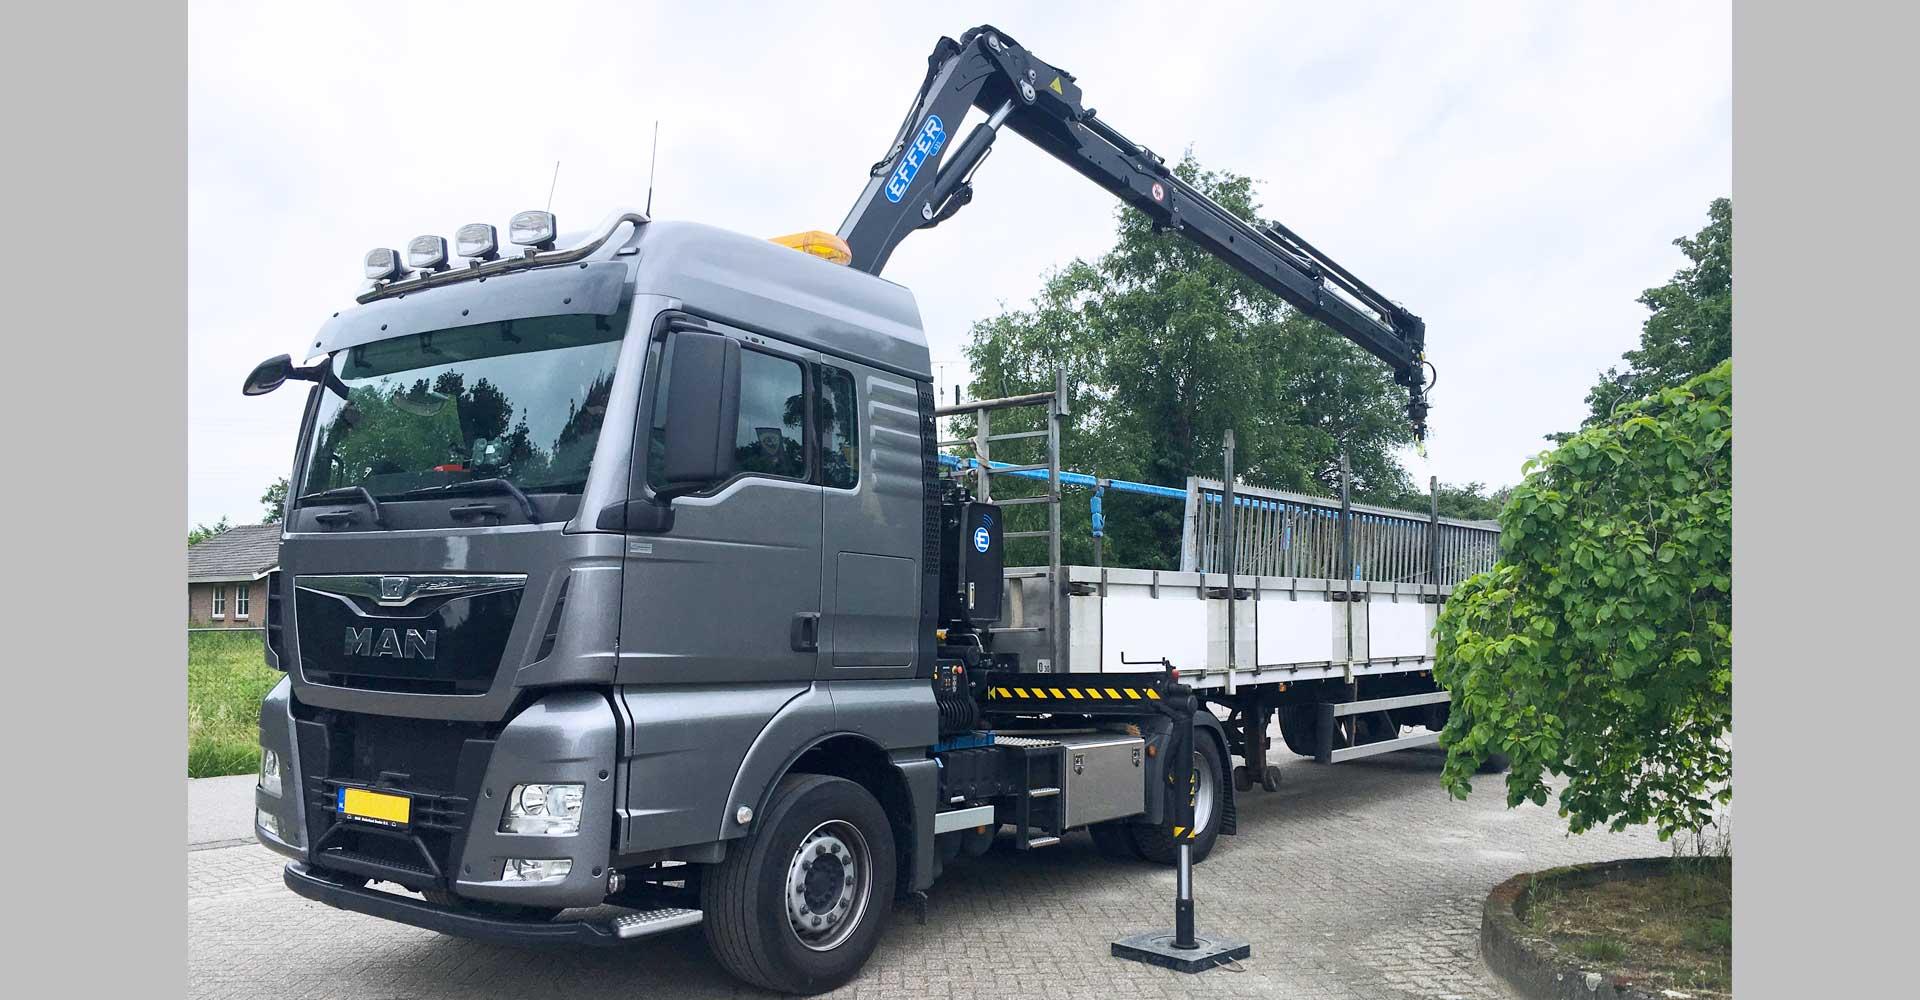 effer effer crane mobile cranes truck cranes rh effer com Effer Crane Hoses North American Lifting Equipment